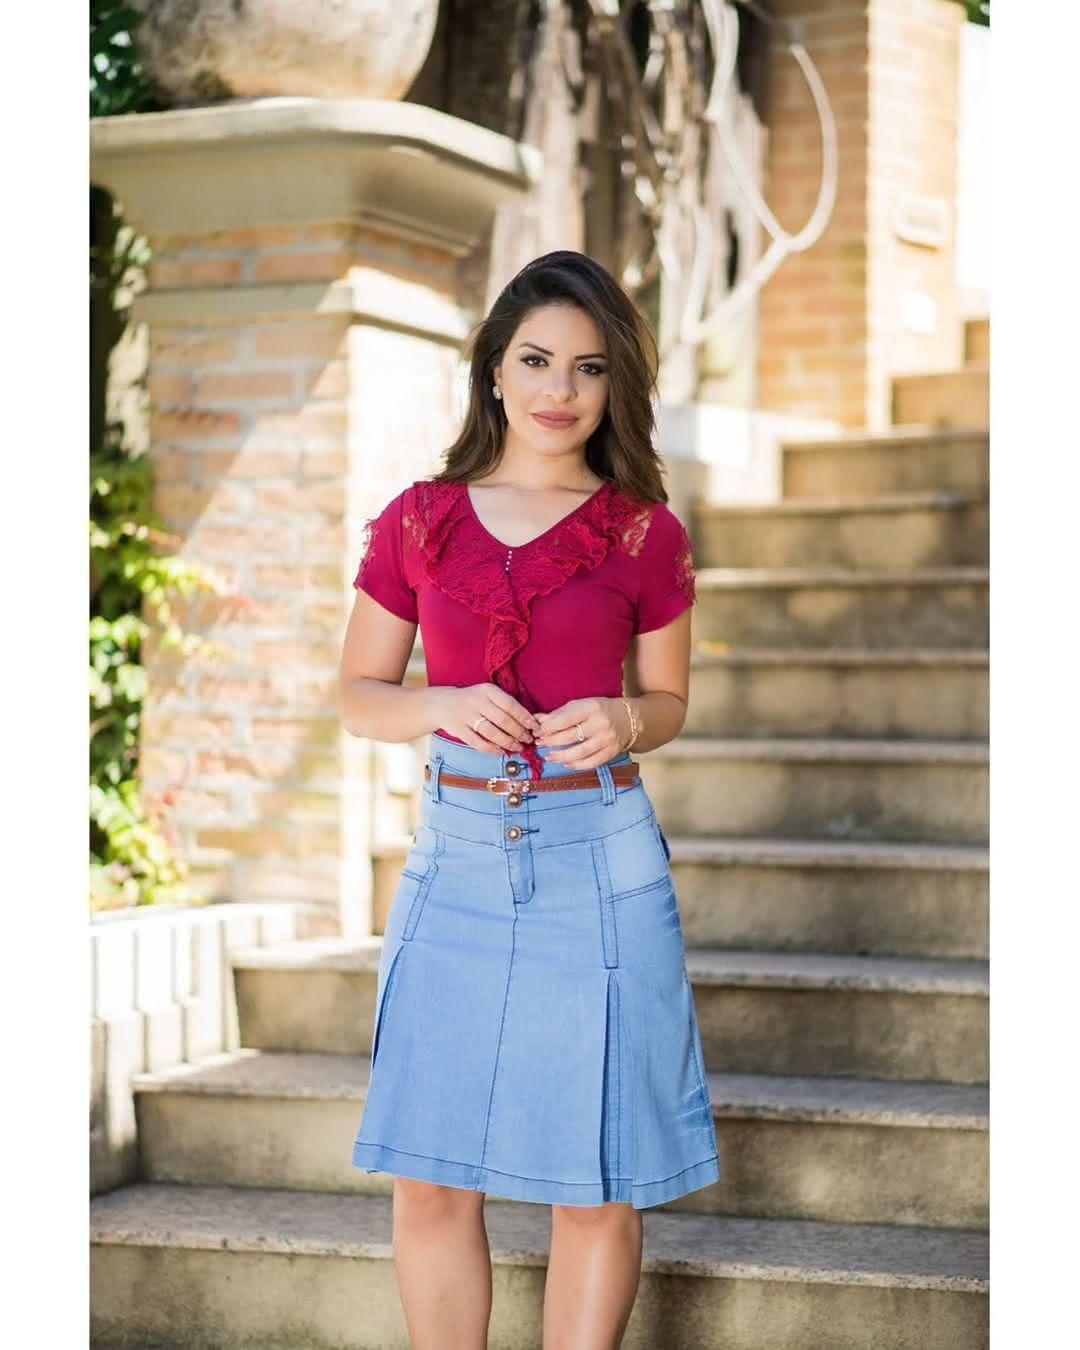 e64c19c4f Está com dúvida do que escolher  Dá uma olhada na moda evangélica 2019 saias  cheias de charme